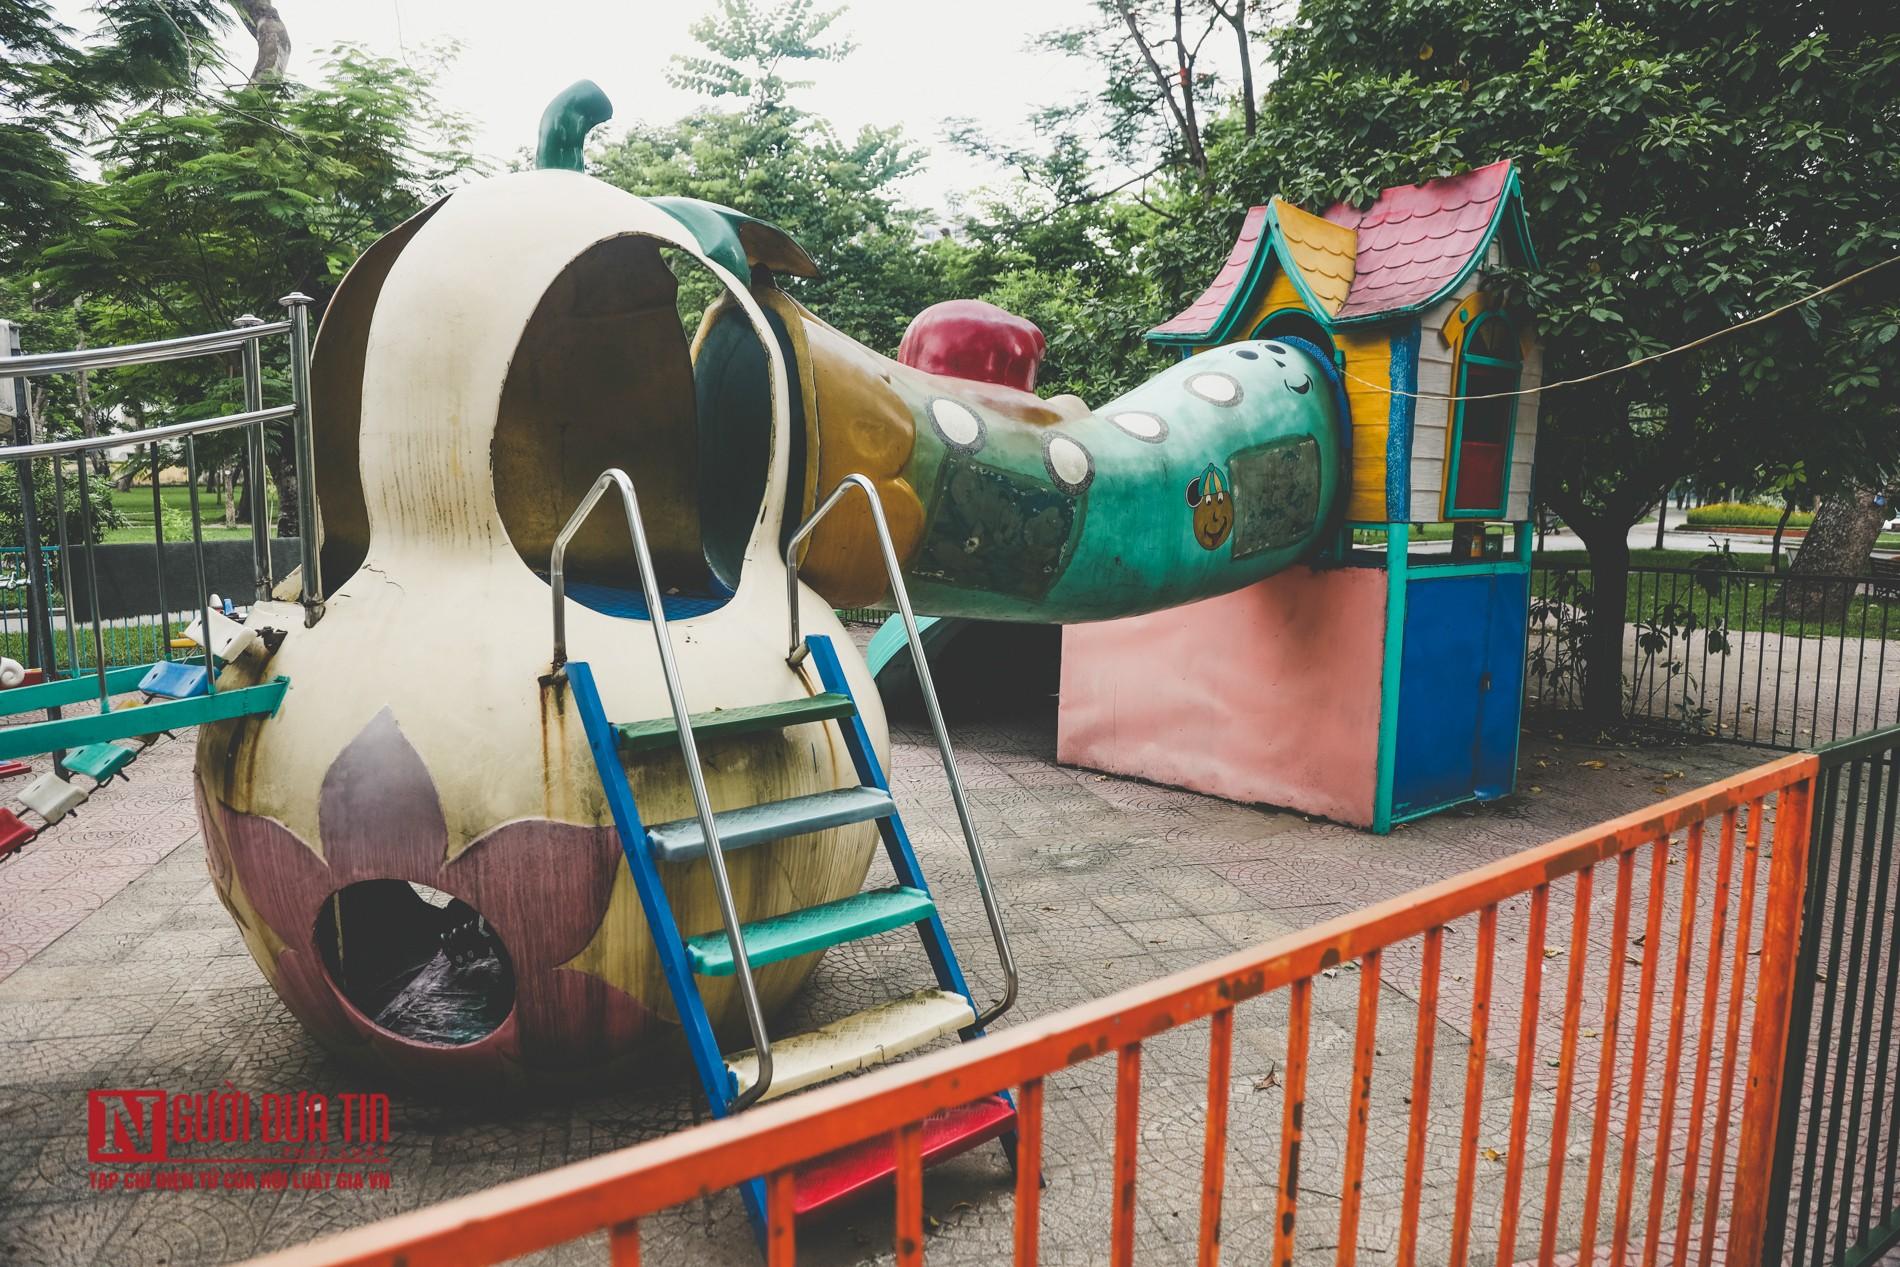 Hà Nội: Xót xa những hạng mục vui chơi cho trẻ xuống cấp, hư hỏng tại công viên Thống Nhất-11